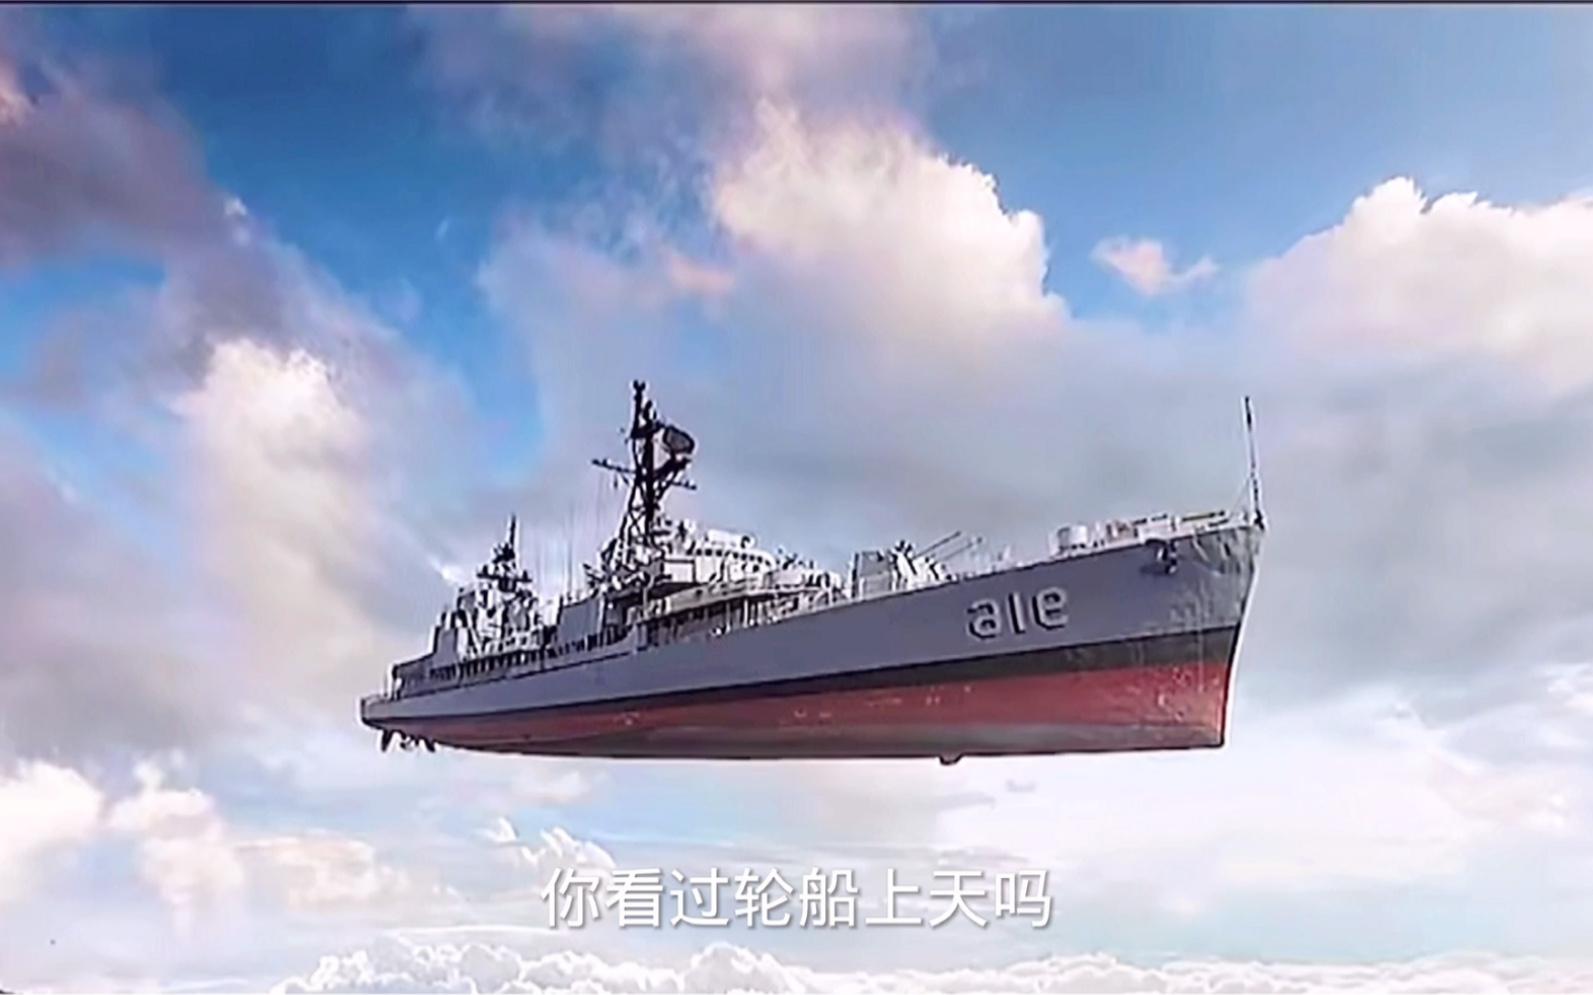 空中飞着一艘战舰 舰船上的女人遭殃了